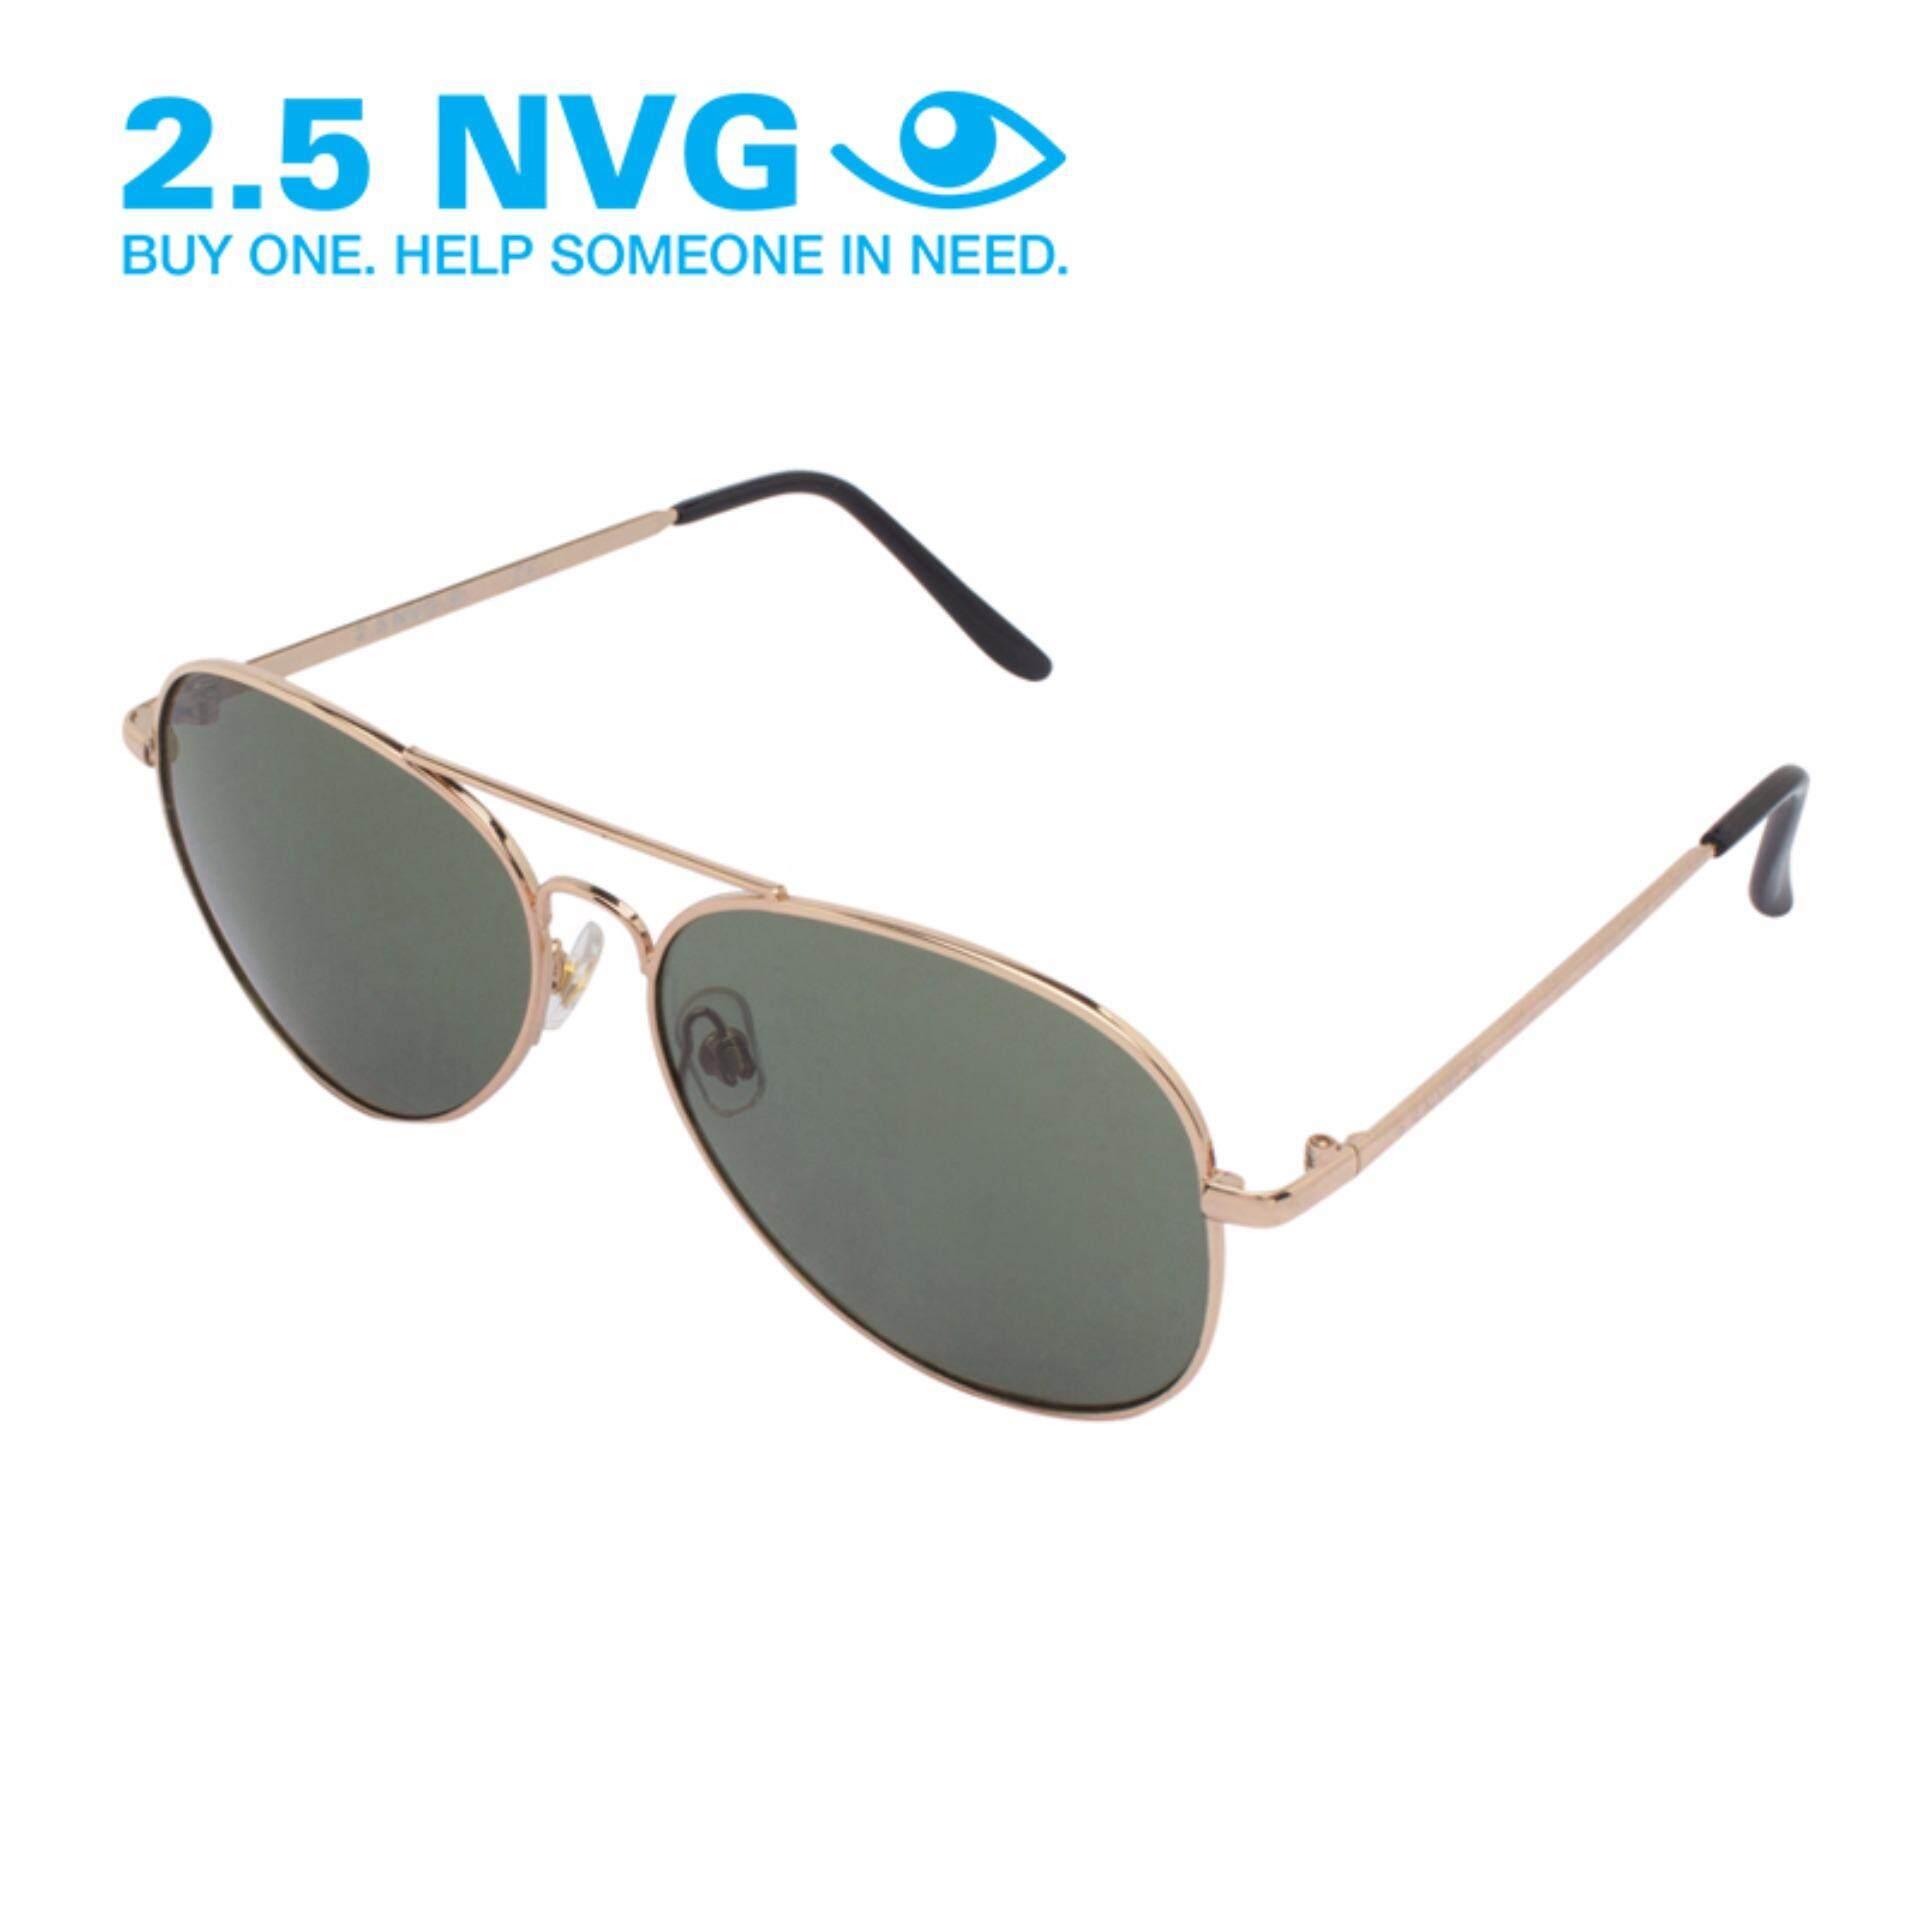 ความคิดเห็น 2 5 Nvg แว่นกันแดดสำหรับผู้ชาย กรอบทรงนักบินสีทอง เลนส์ป้องกันรังสี Uv400 สีเทา Scm 011